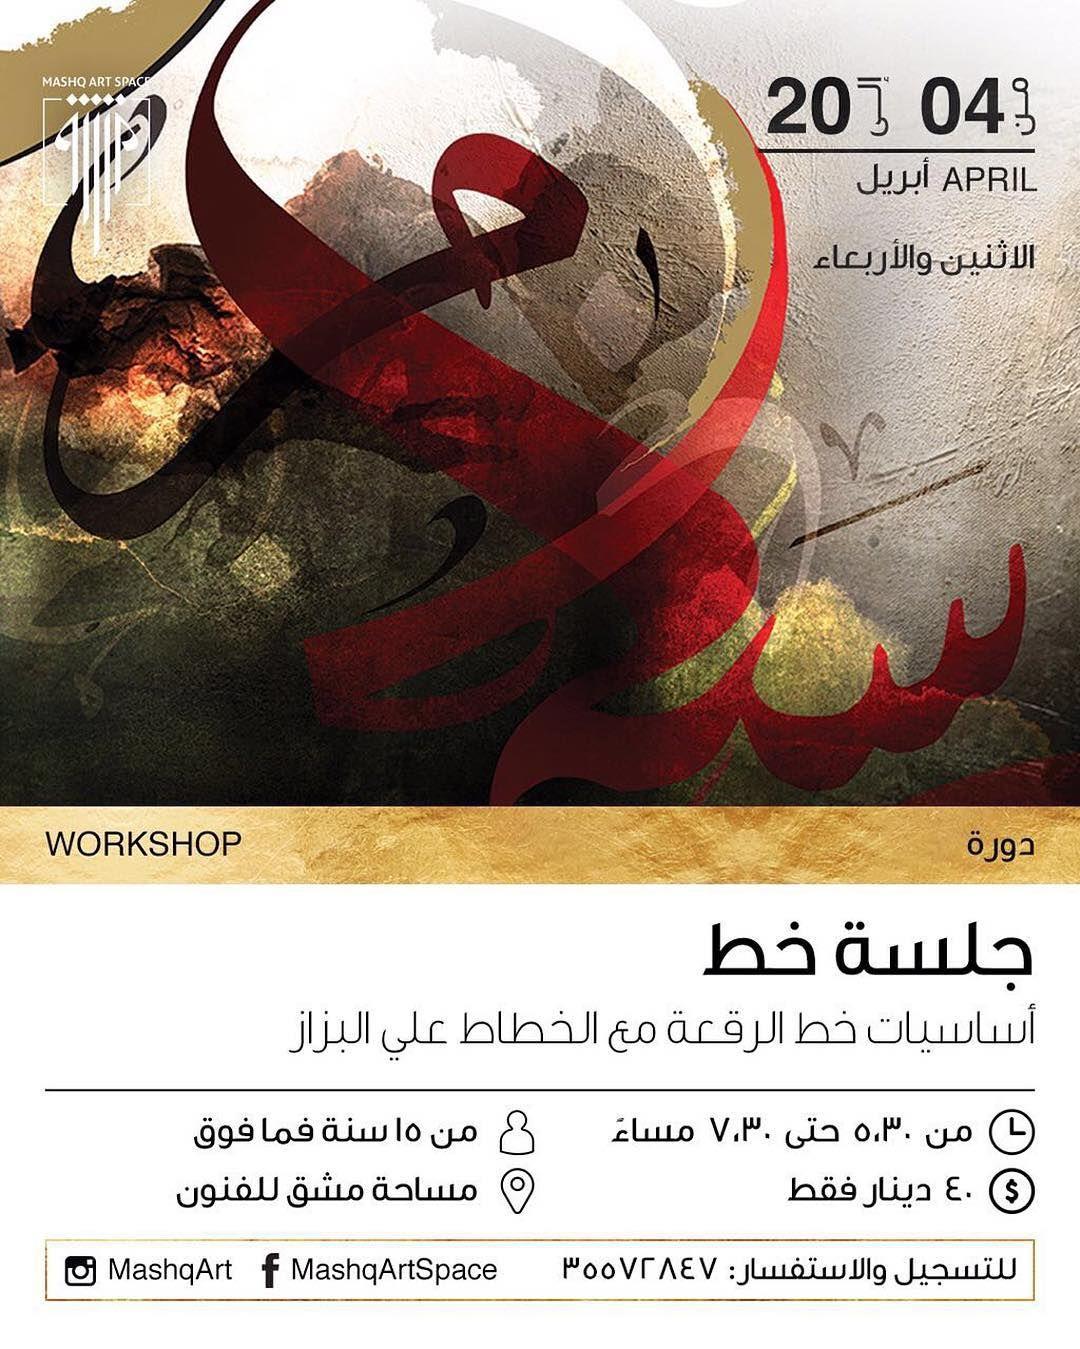 Mashq Art Space On Instagram دورة جديدة في اساسيات الخط العربي الرقعة للكبار يقدمها الأستاذ علي البزاز تتضمن مقدمة عن تاريخ الخط Art Painting Poster